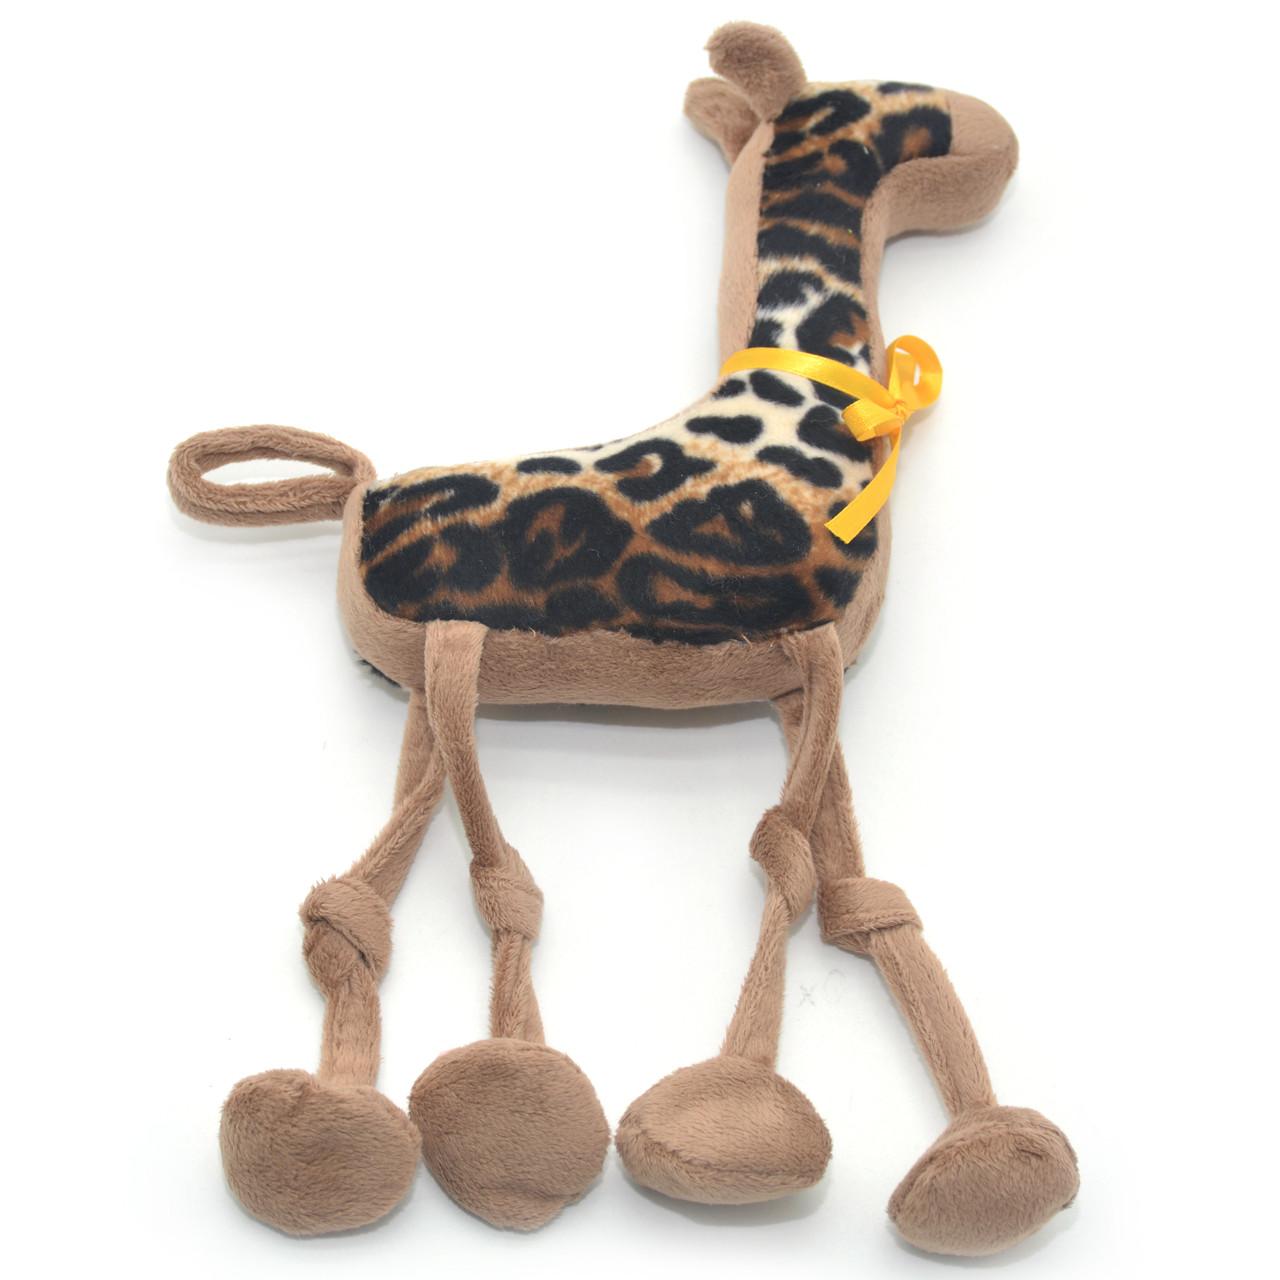 М'яка іграшка Жираф для собаки коричнева